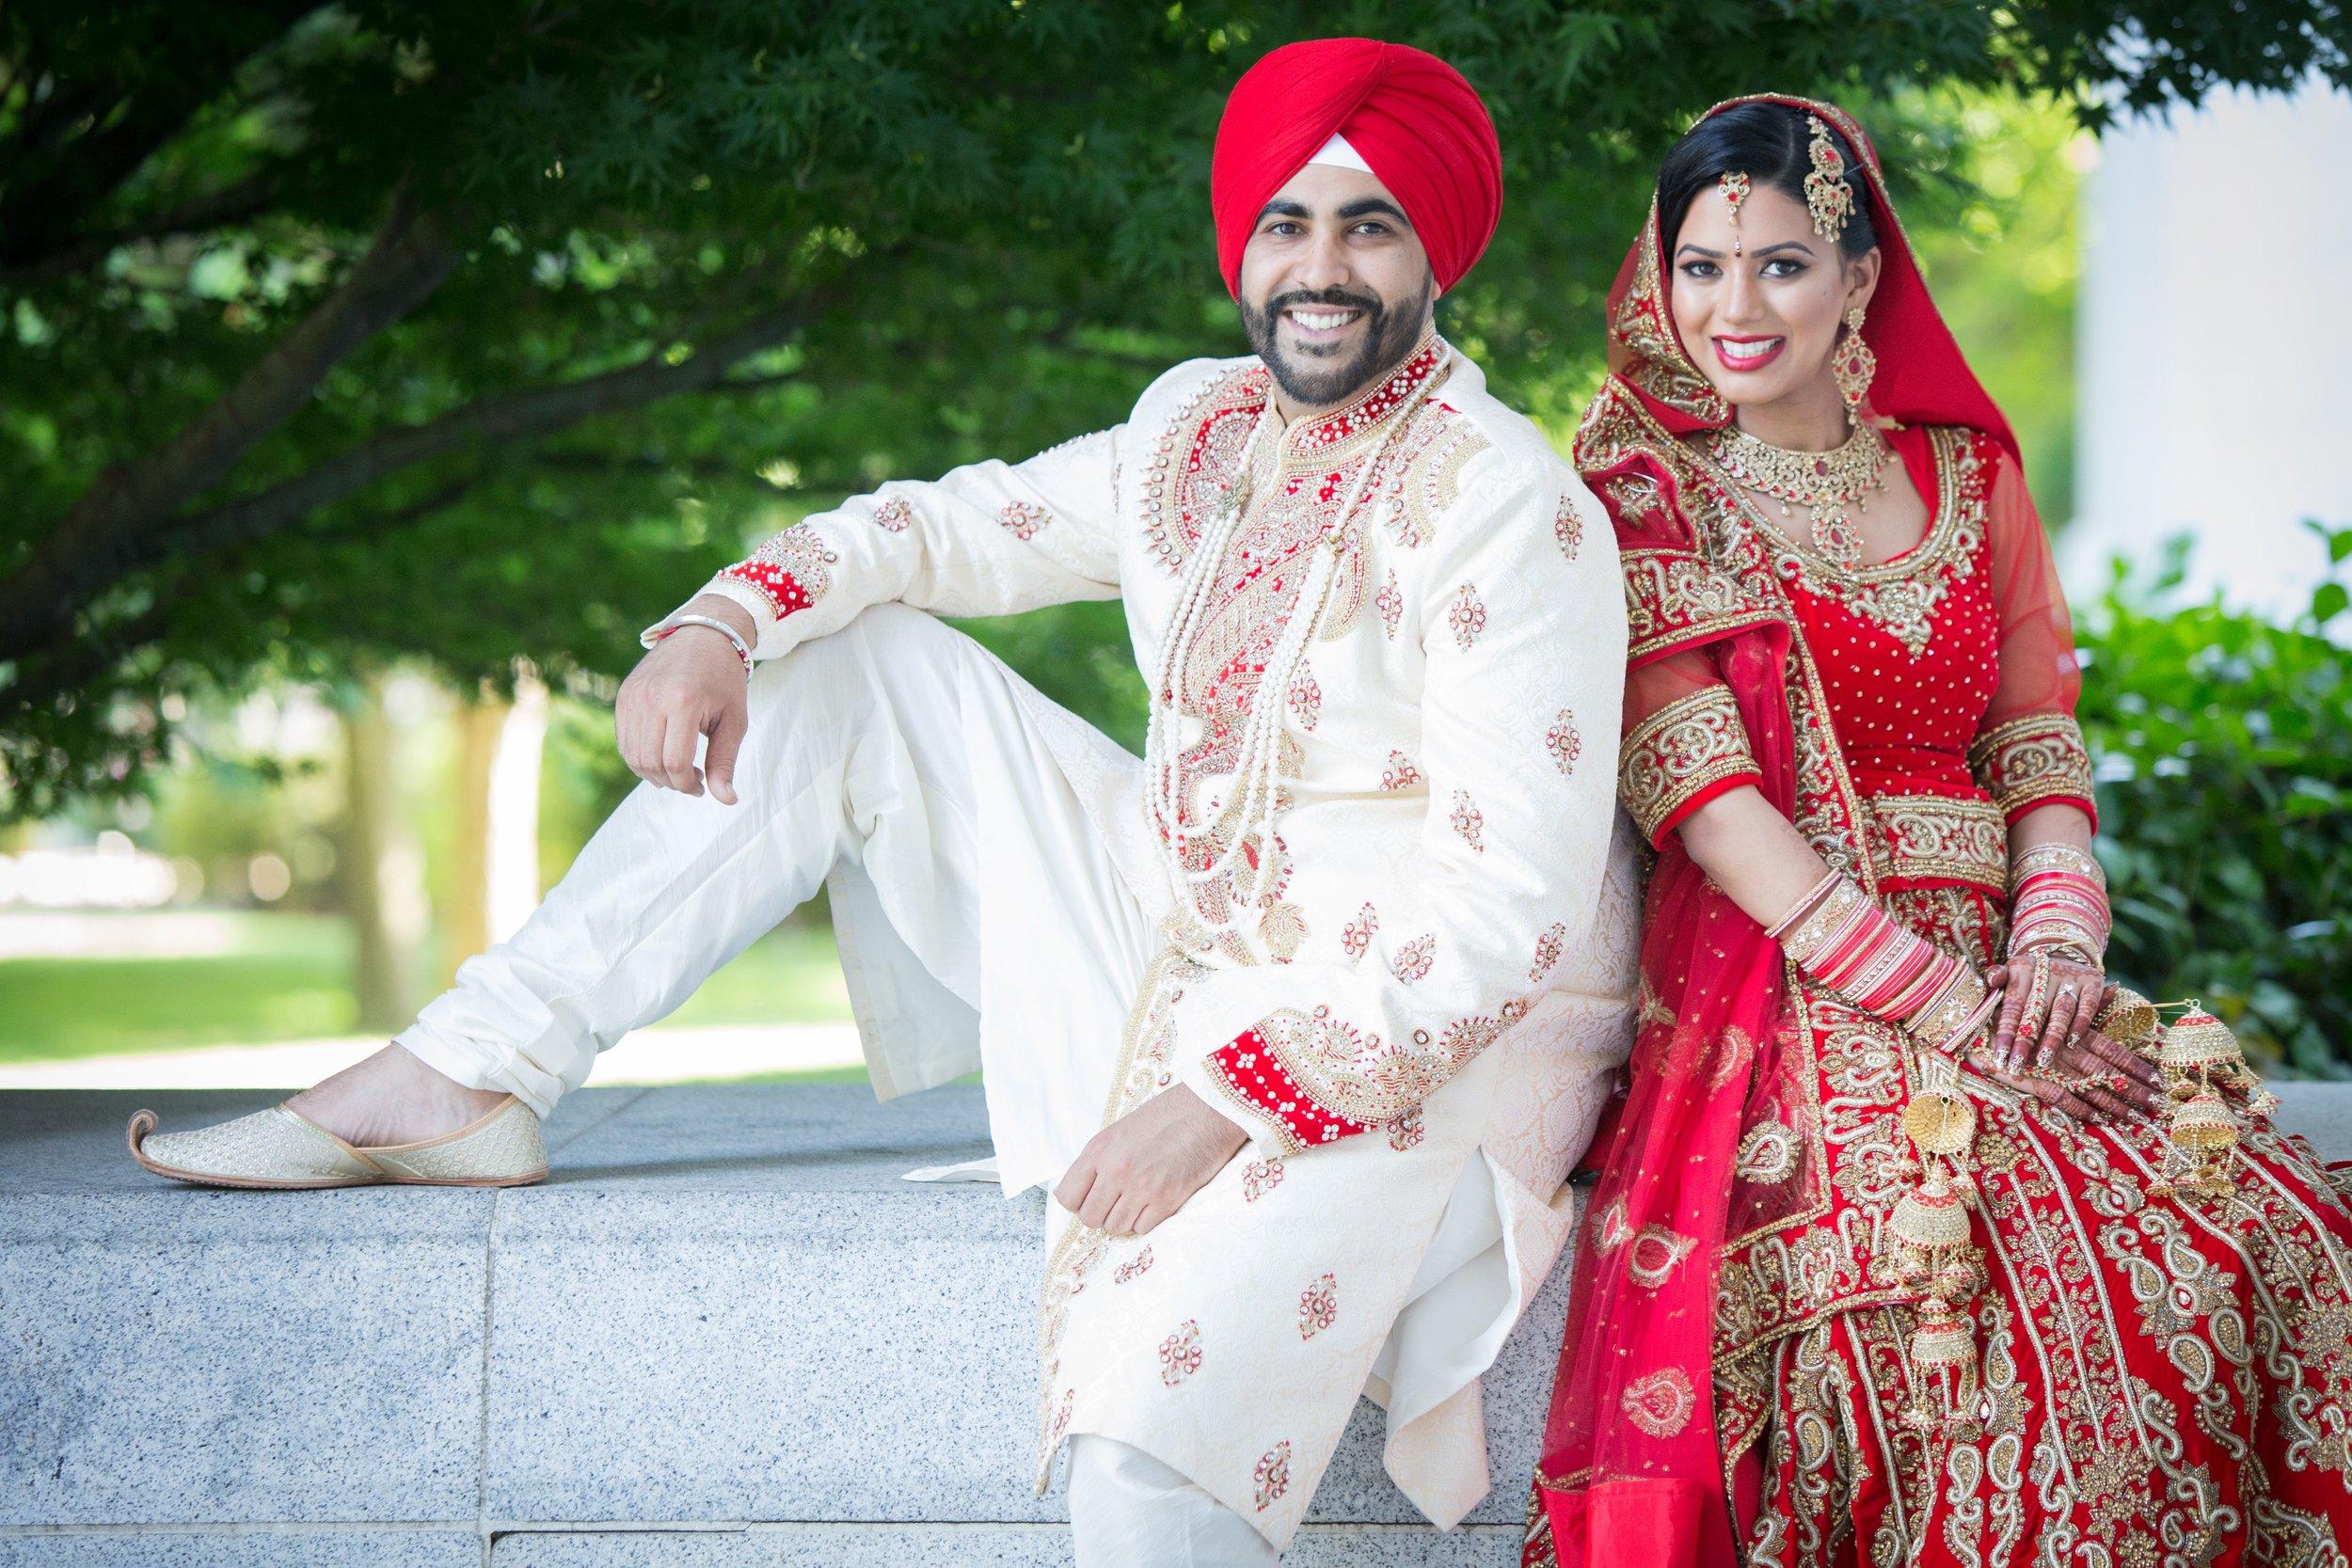 online532 Jatinder & Khushbir Wedding Day -  Wedding50.jpg